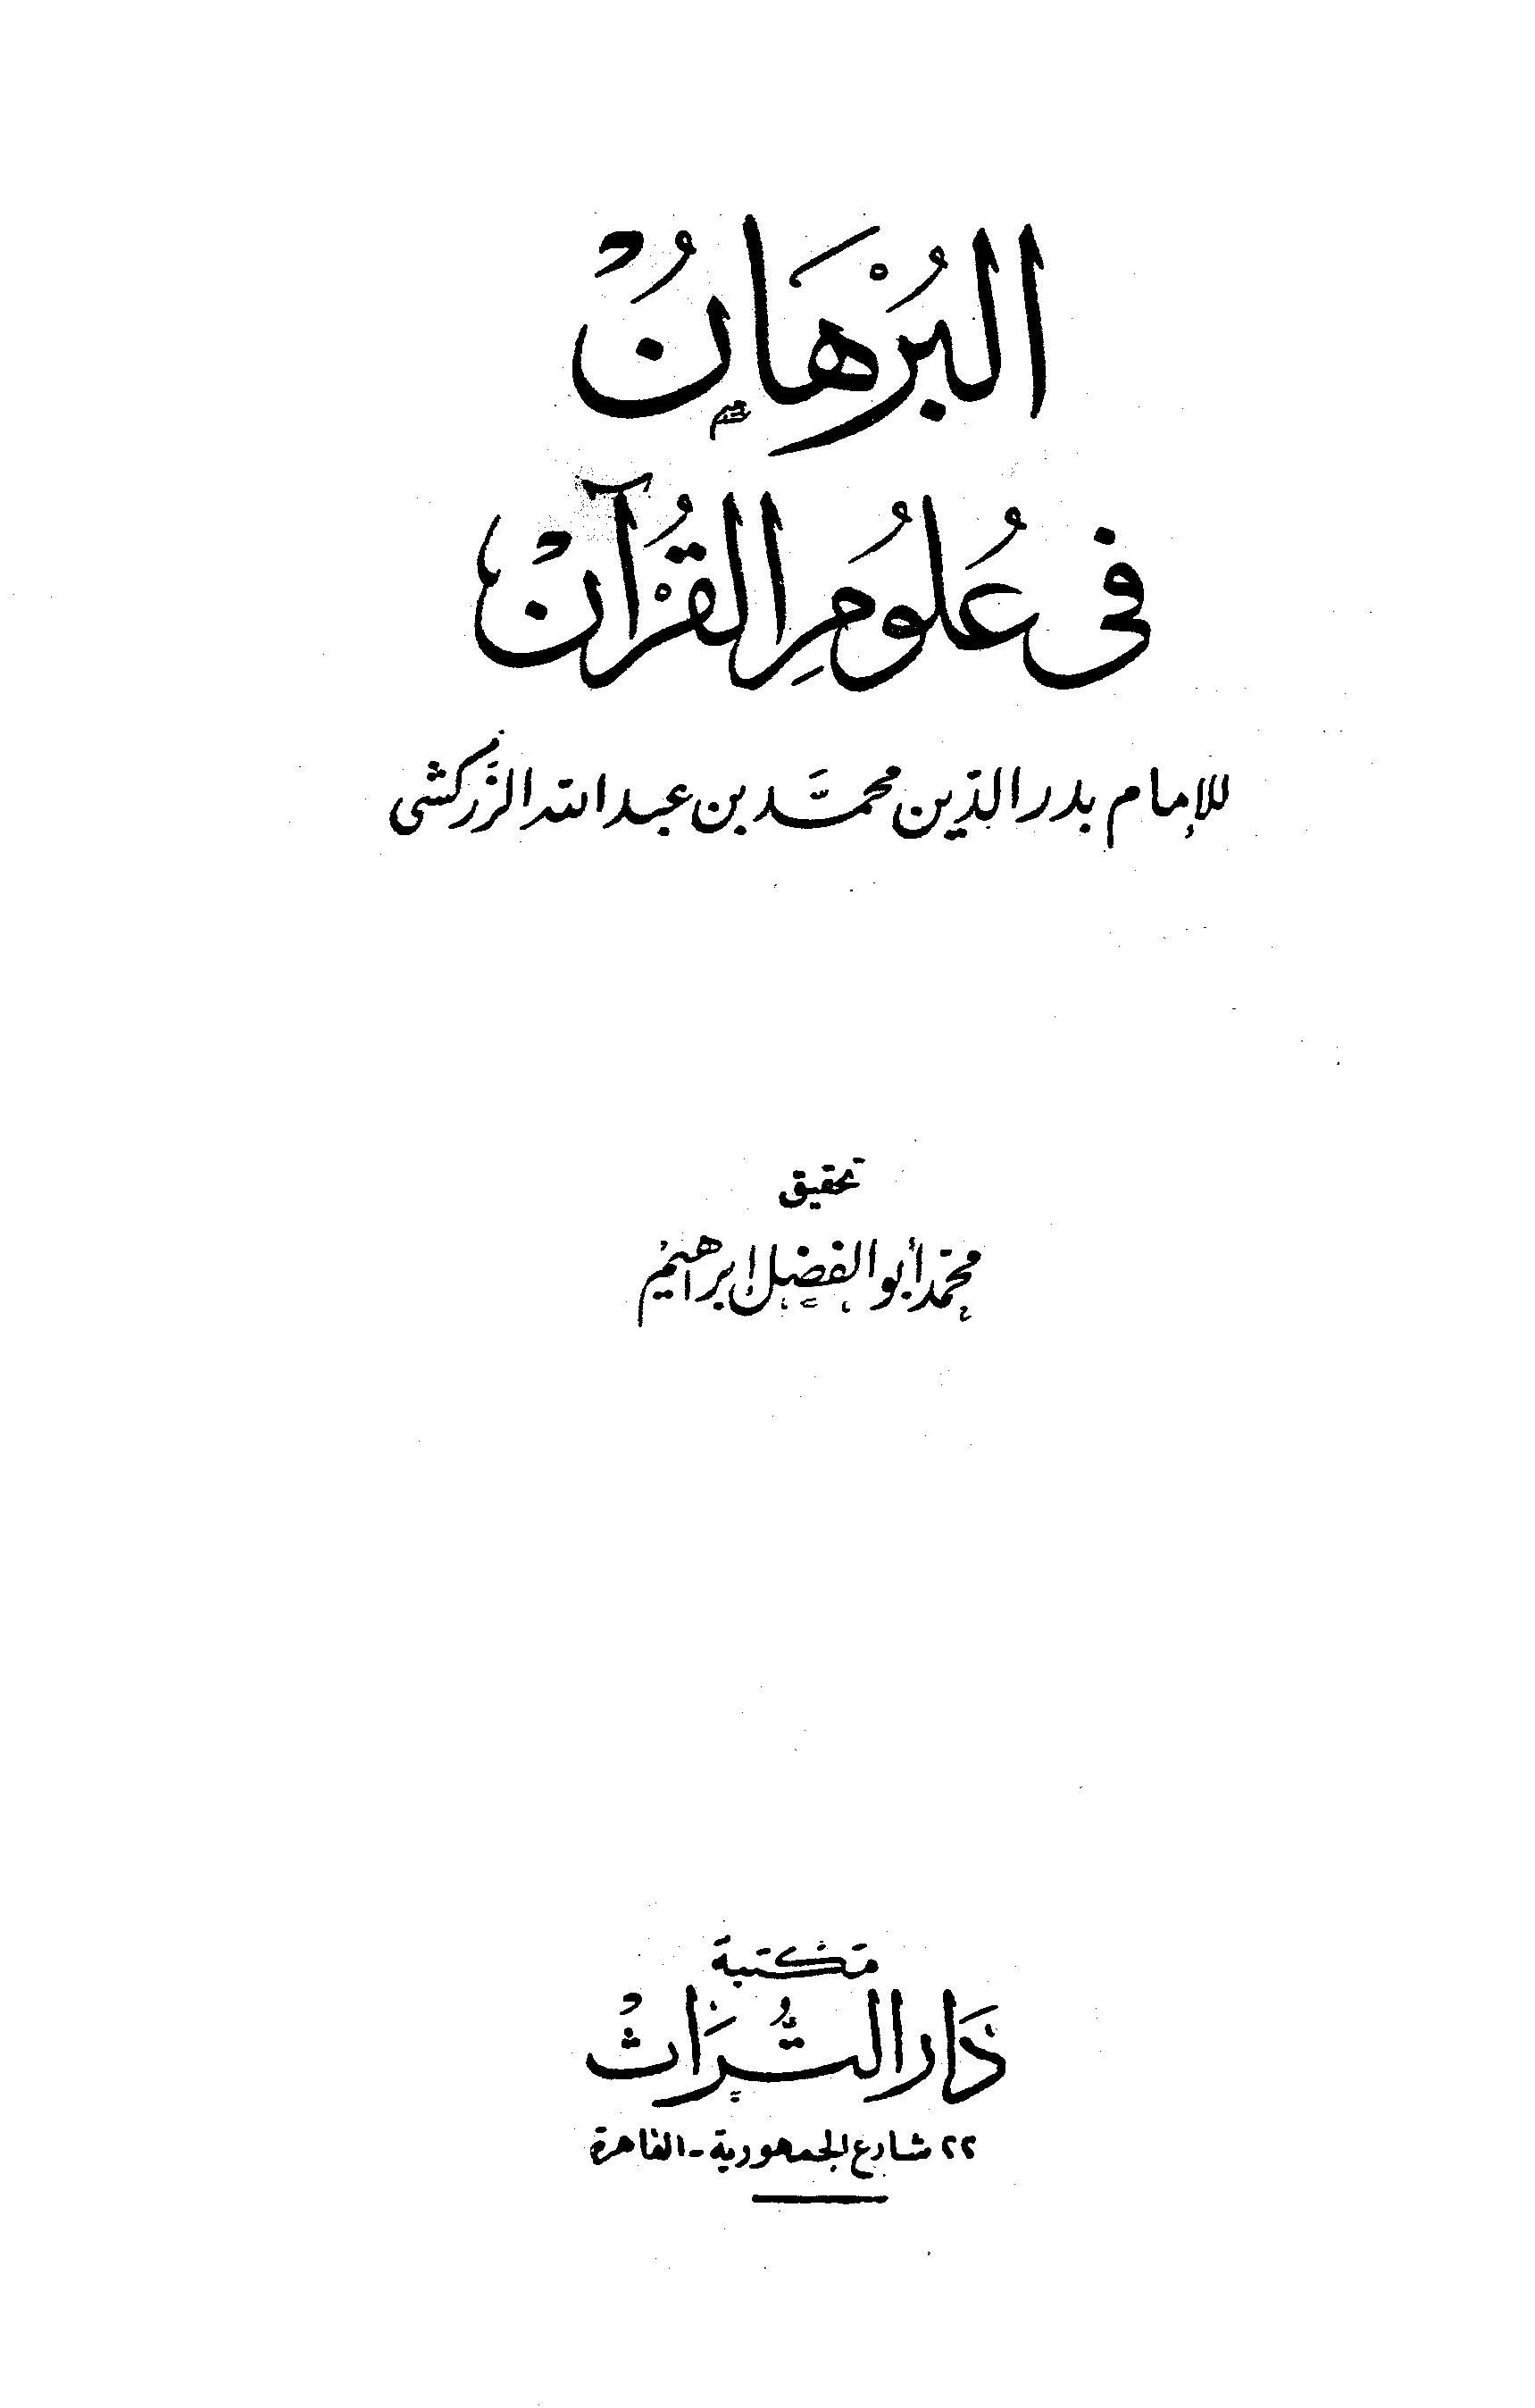 تحميل كتاب البرهان في علوم القرآن لـِ: الإمام أبو عبد الله بدر الدين محمد بن عبد الله بن بهادر الزركشي الشافعي (ت 794)